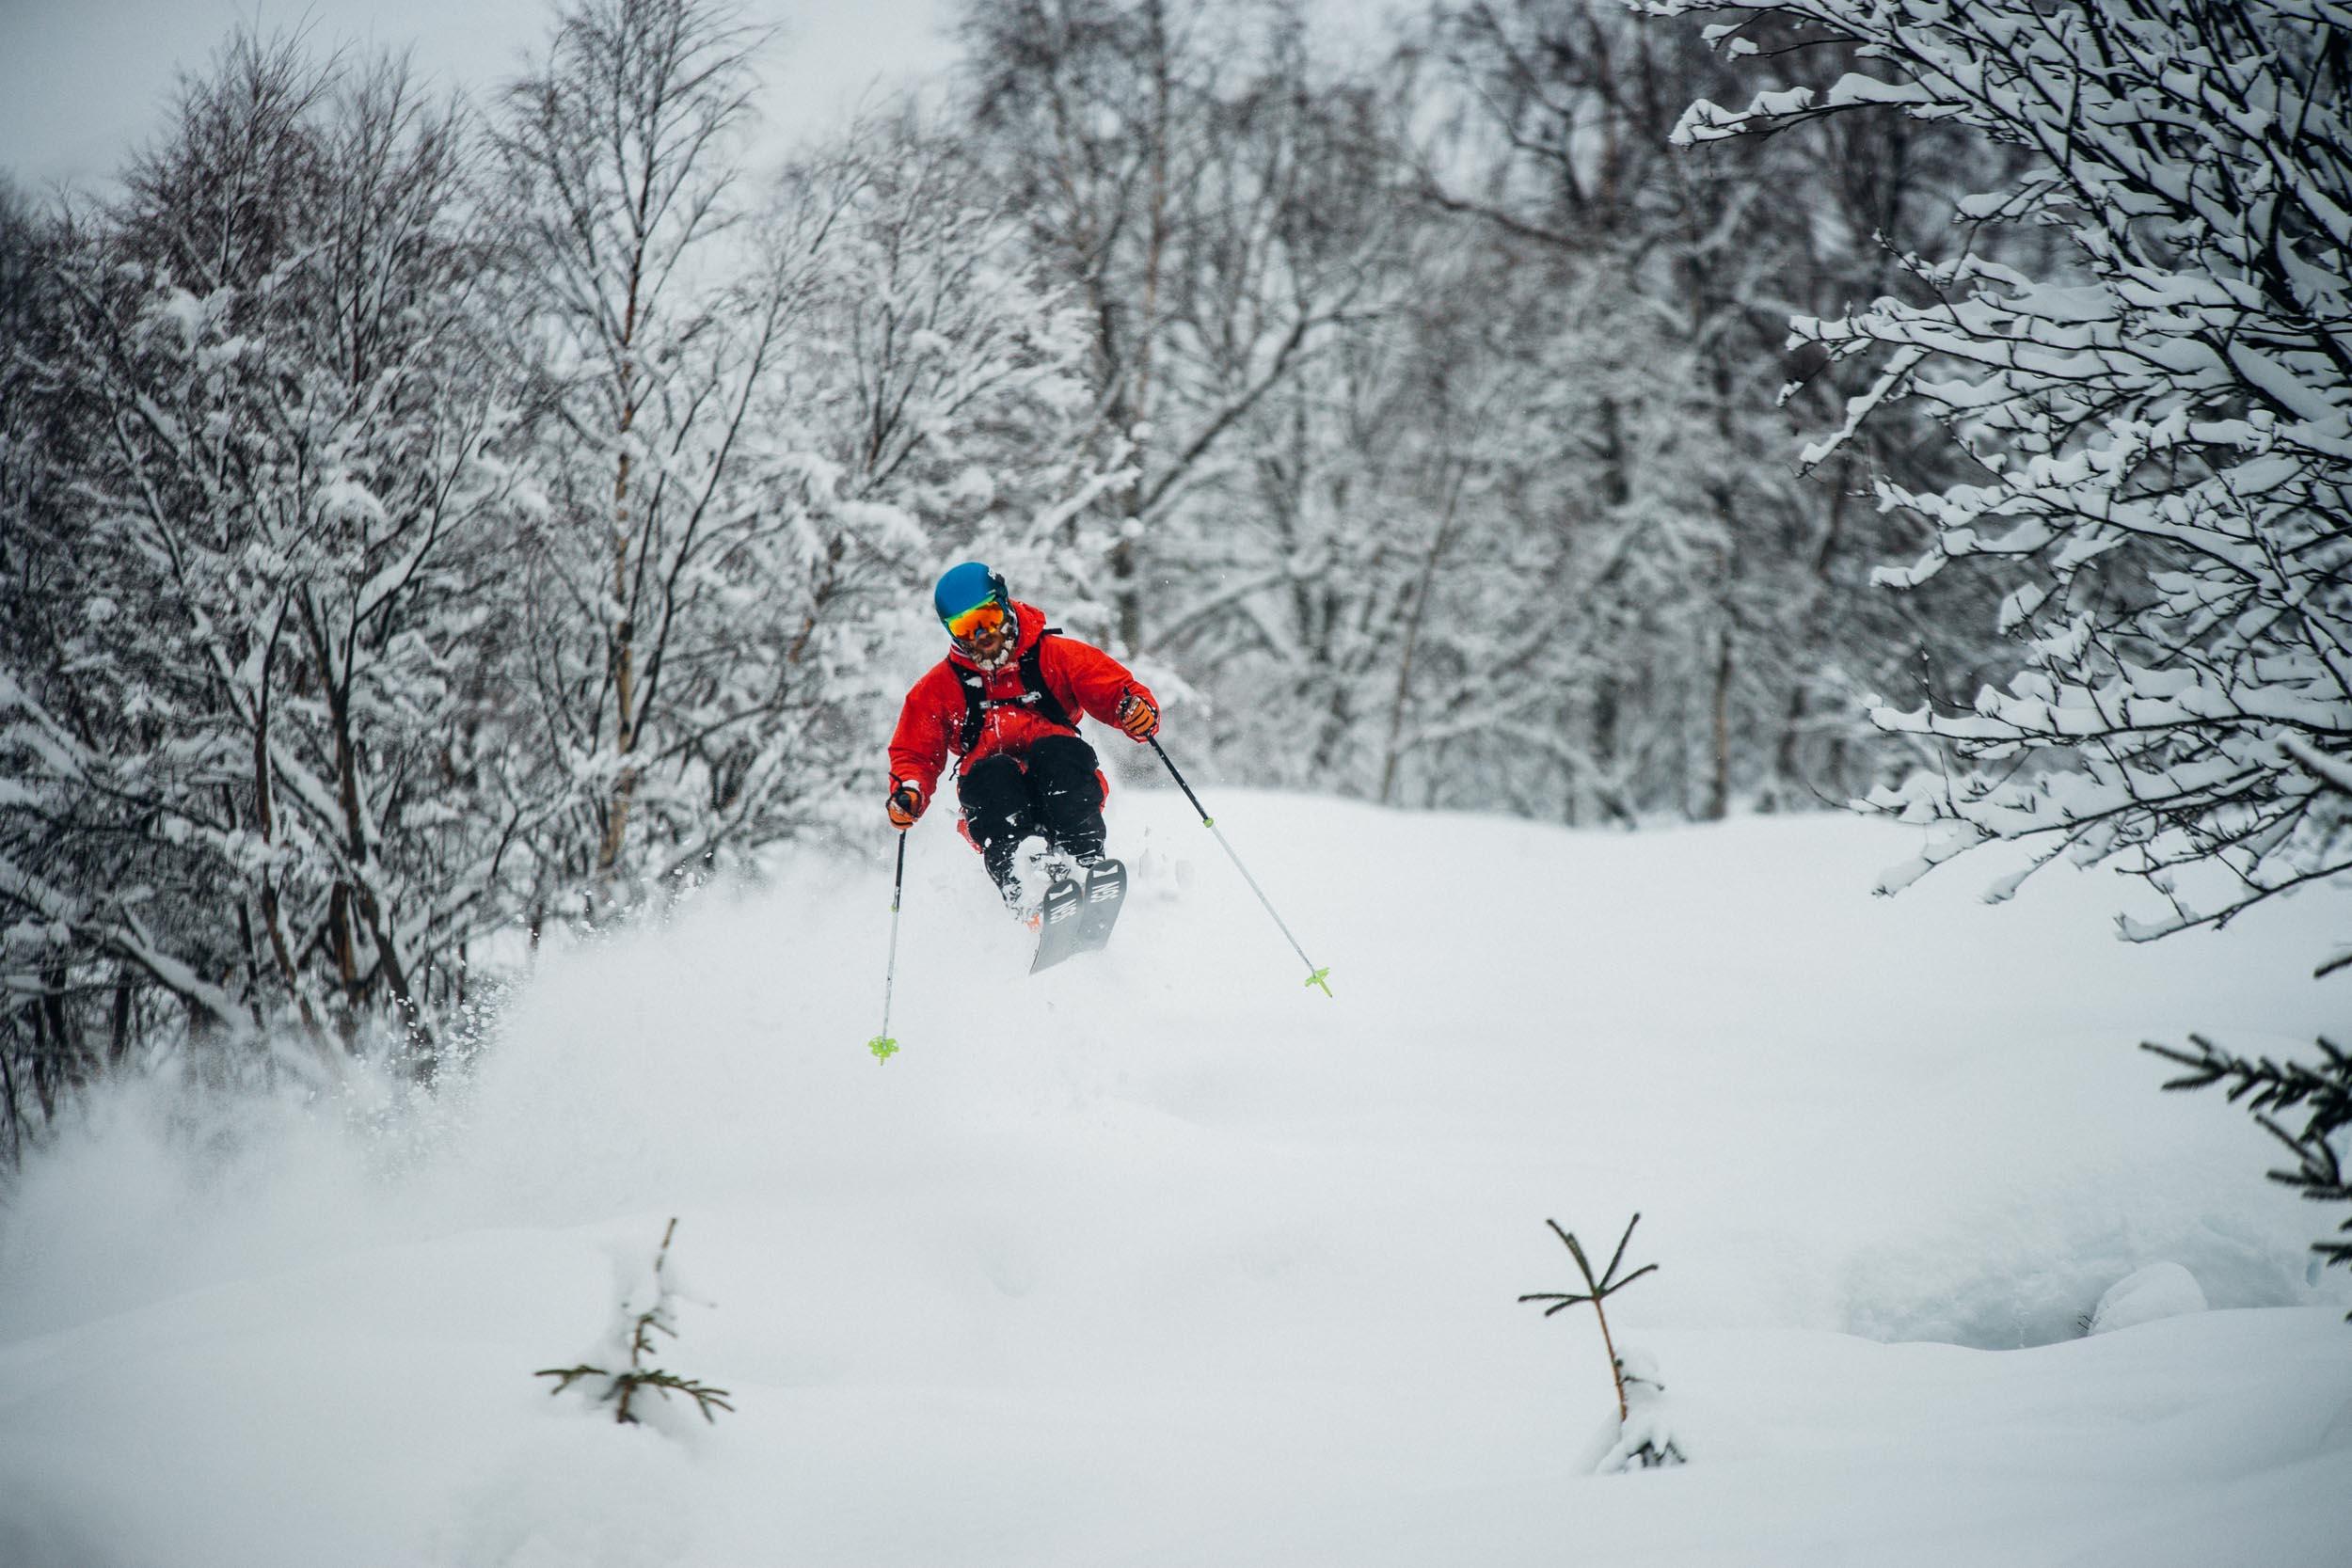 SGNskis-PhotoBårdBasberg-Ski_LarsToreLesteberg-SognSkisenter.jpg